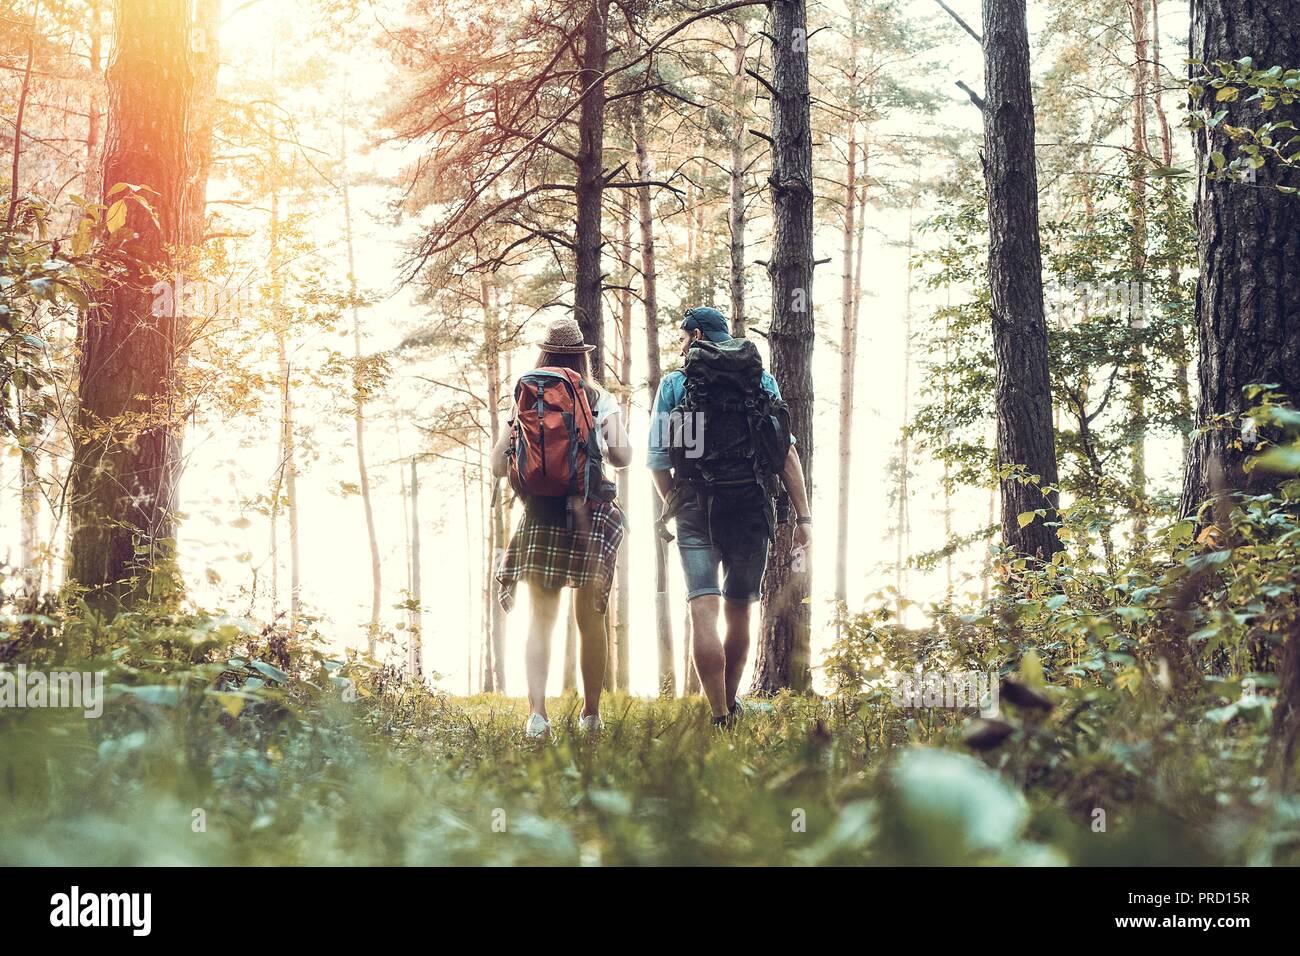 Ruta dura. Hermosa pareja joven senderismo juntos en el bosque mientras disfruta de su viaje. Foto de stock